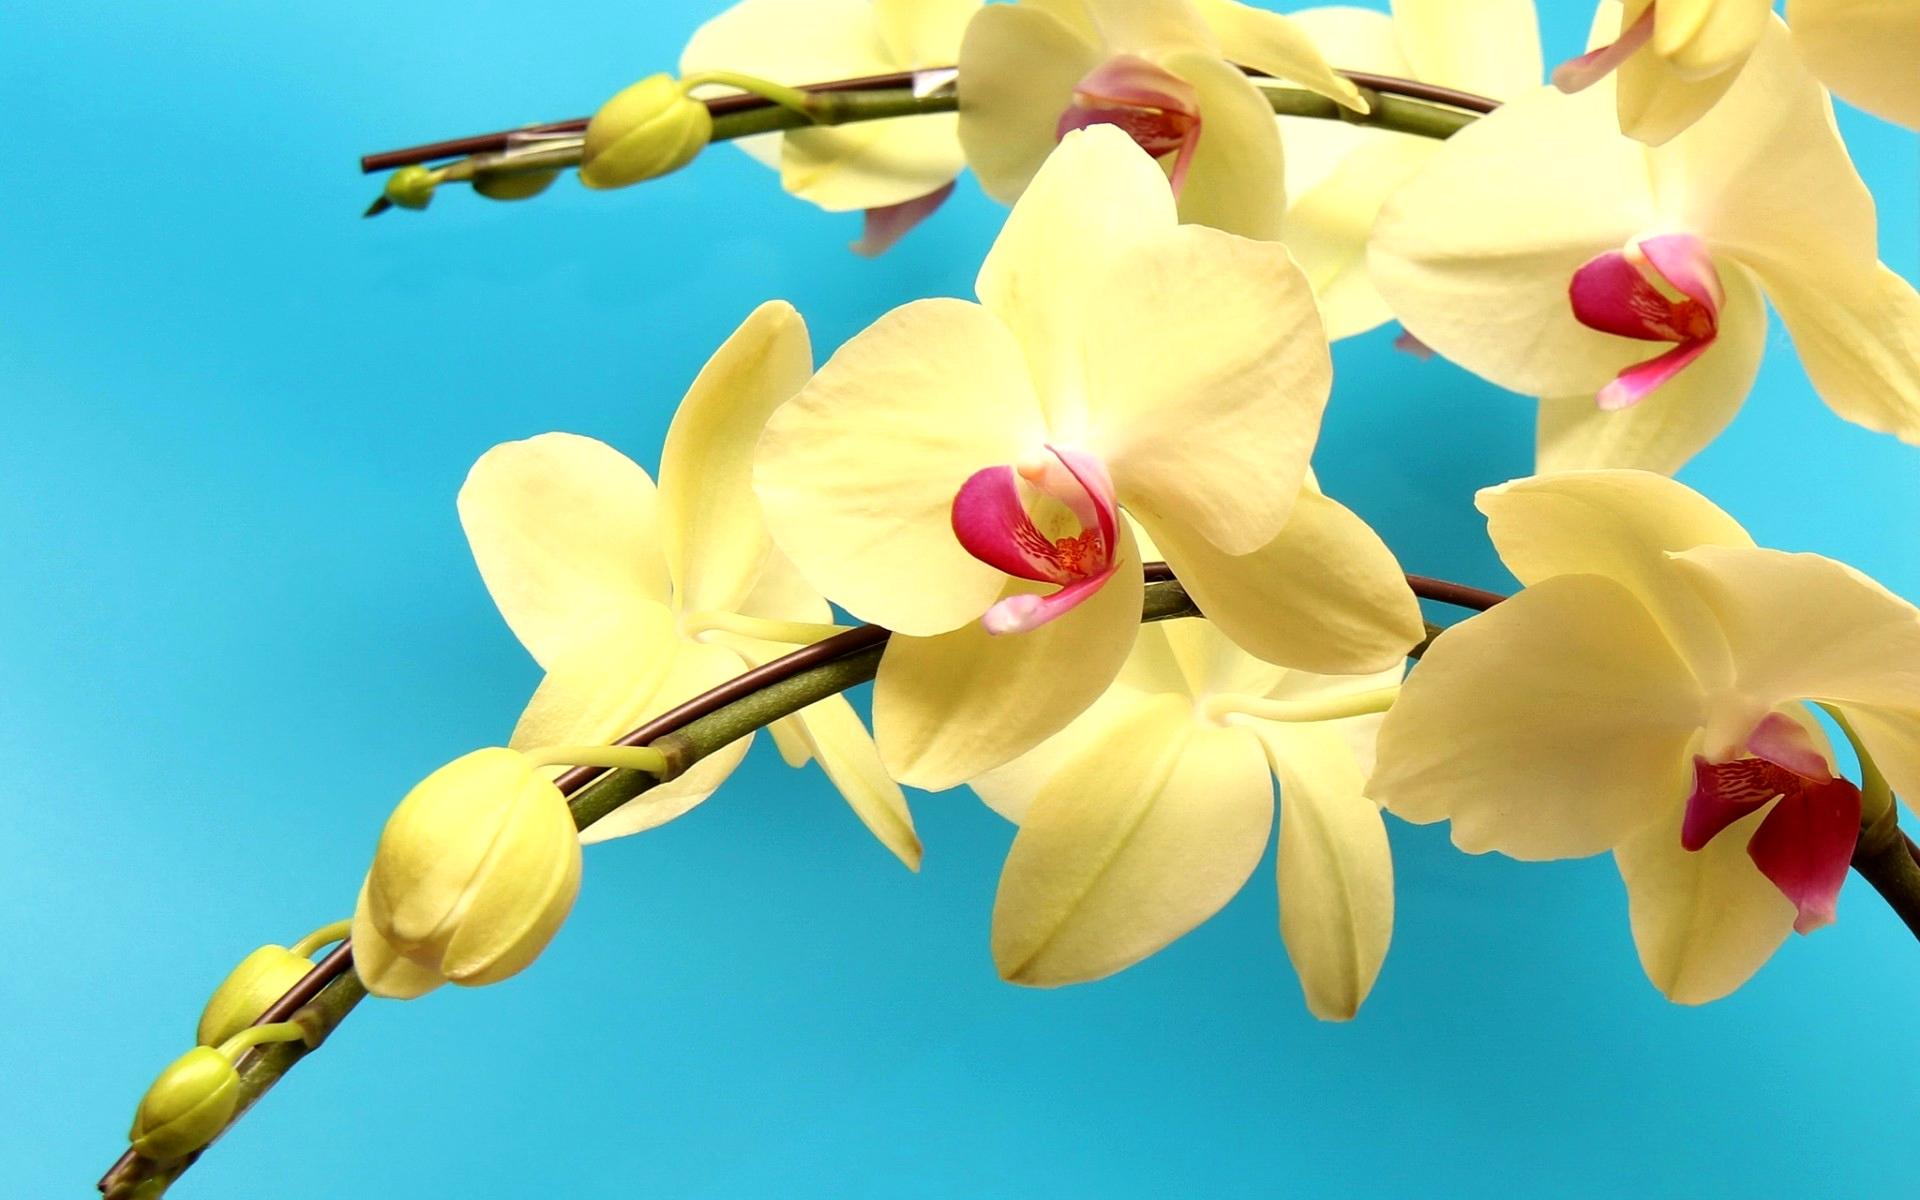 Картинки с орхидеями на рабочий стол, спасибо большое очень